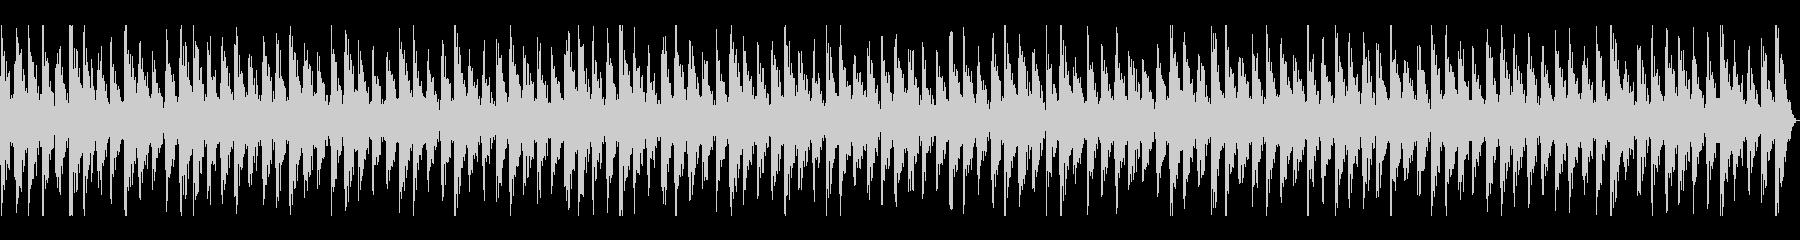 低音・高音が心地いい癒やし・作業音楽の未再生の波形